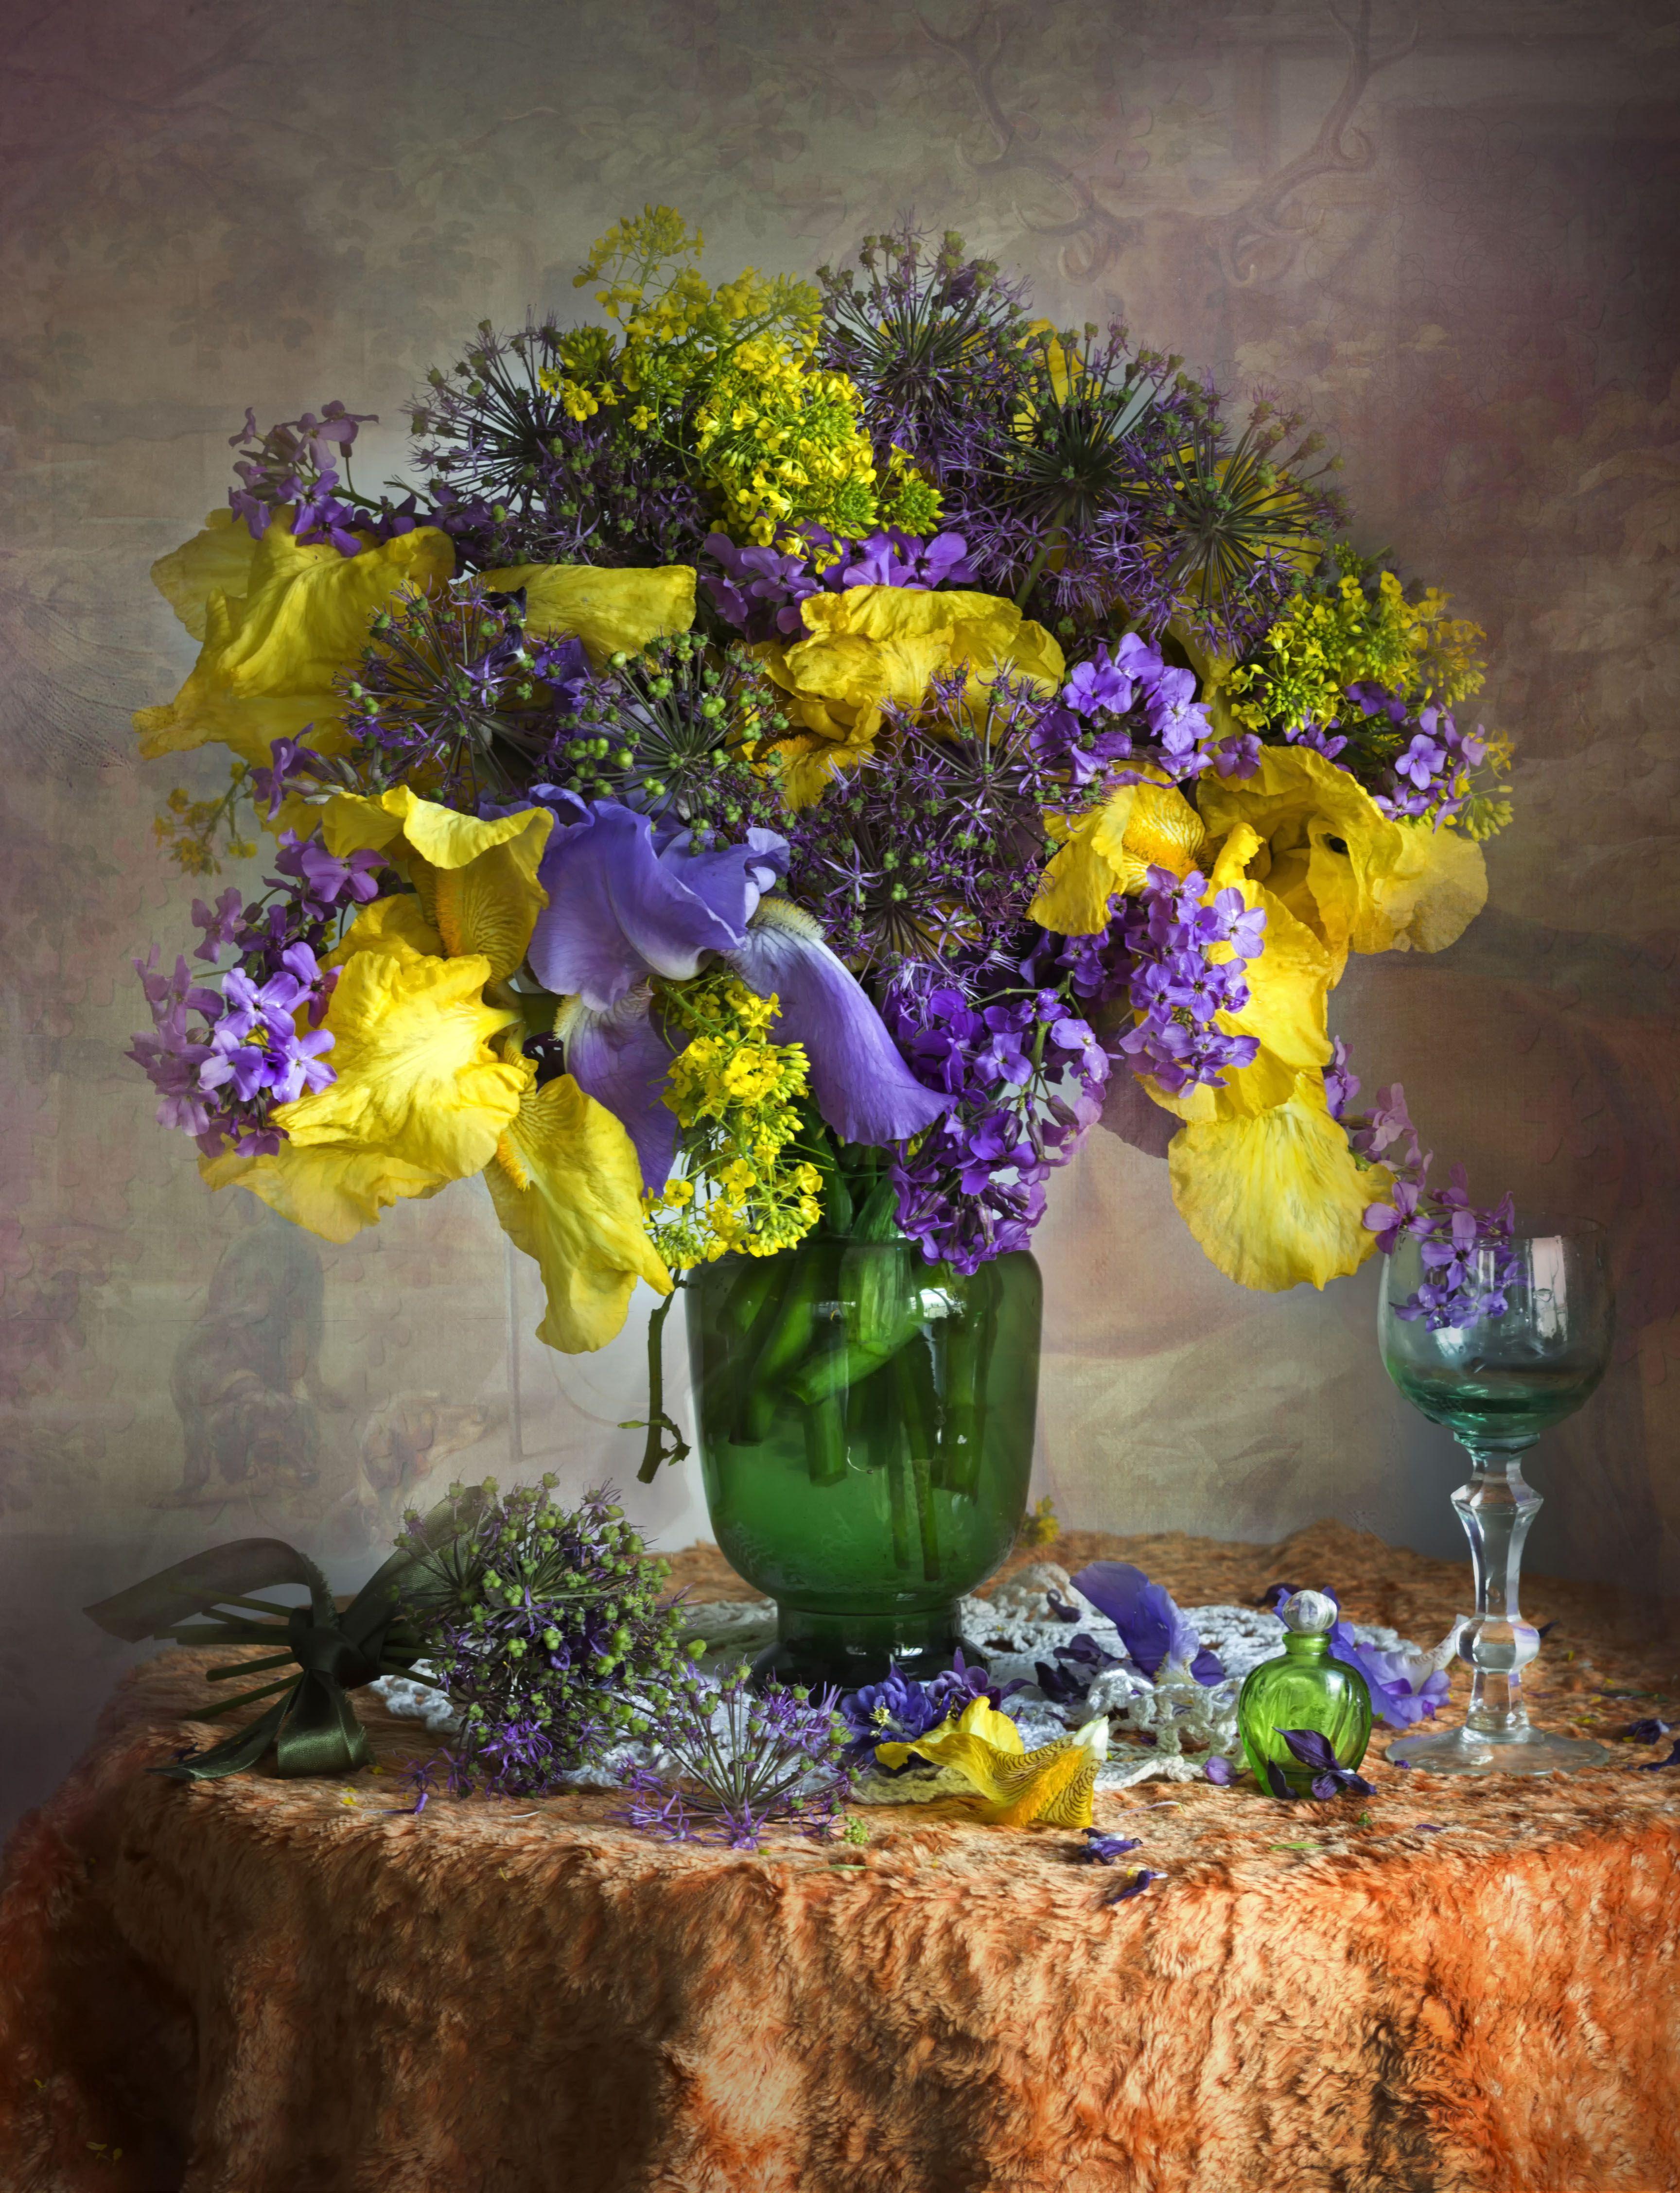 ирисы. букет цветов, рюмка, бархатная скатерть, зелёная стеклянная ваза, Зимина Лионелла